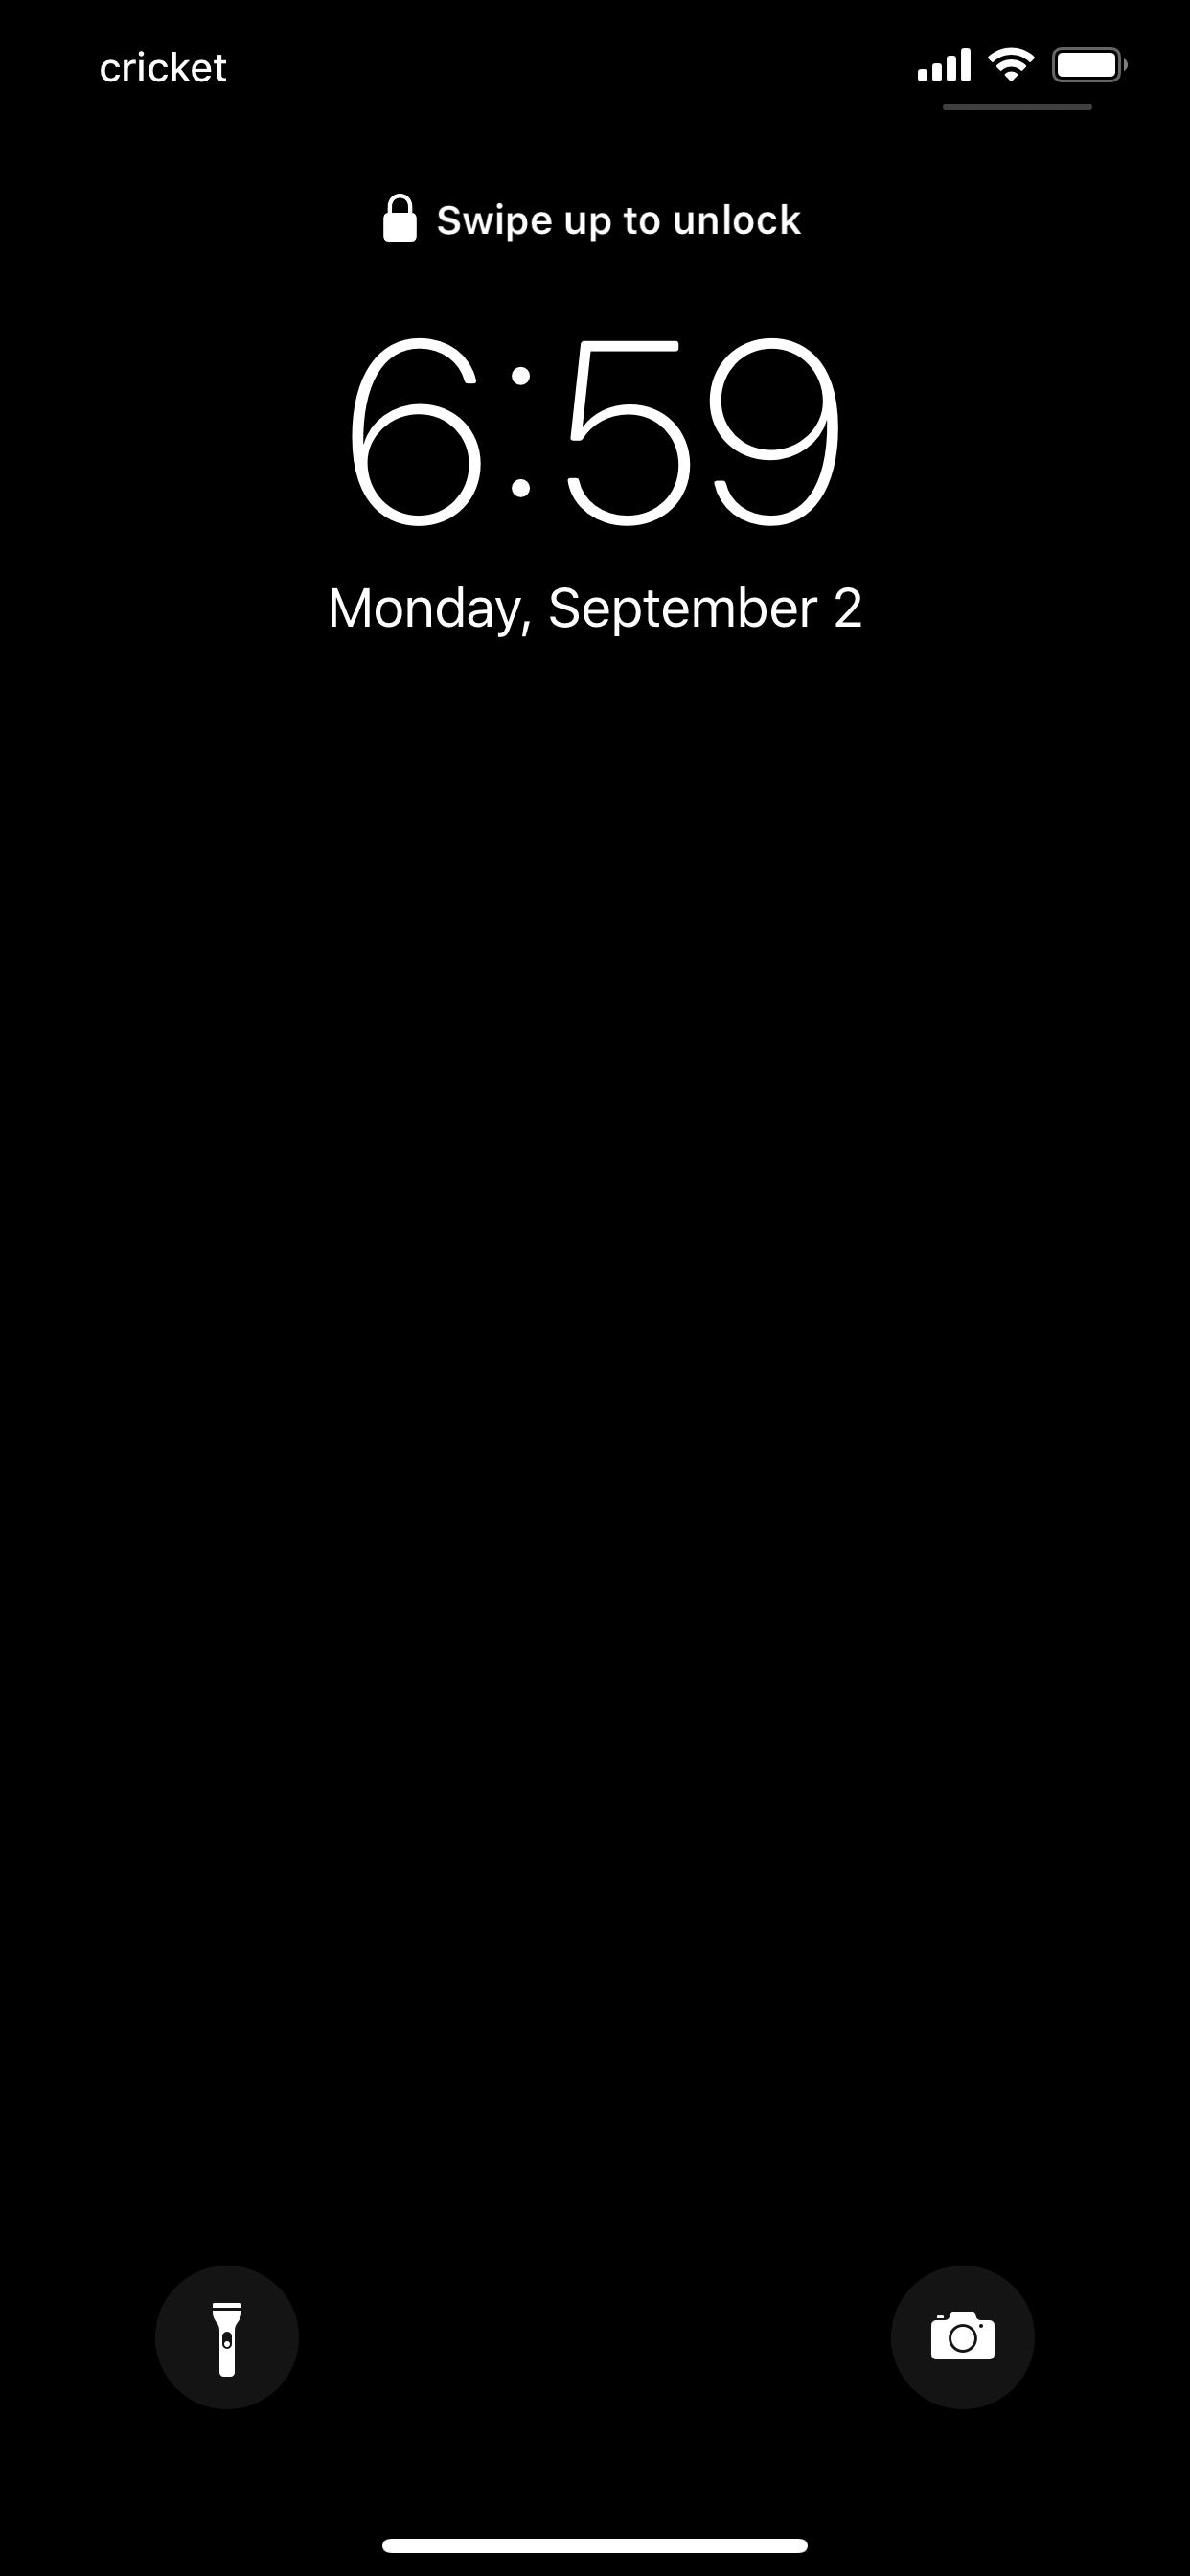 7D91E1F6-CAAD-4B4A-91CB-111D3FF283BF.png